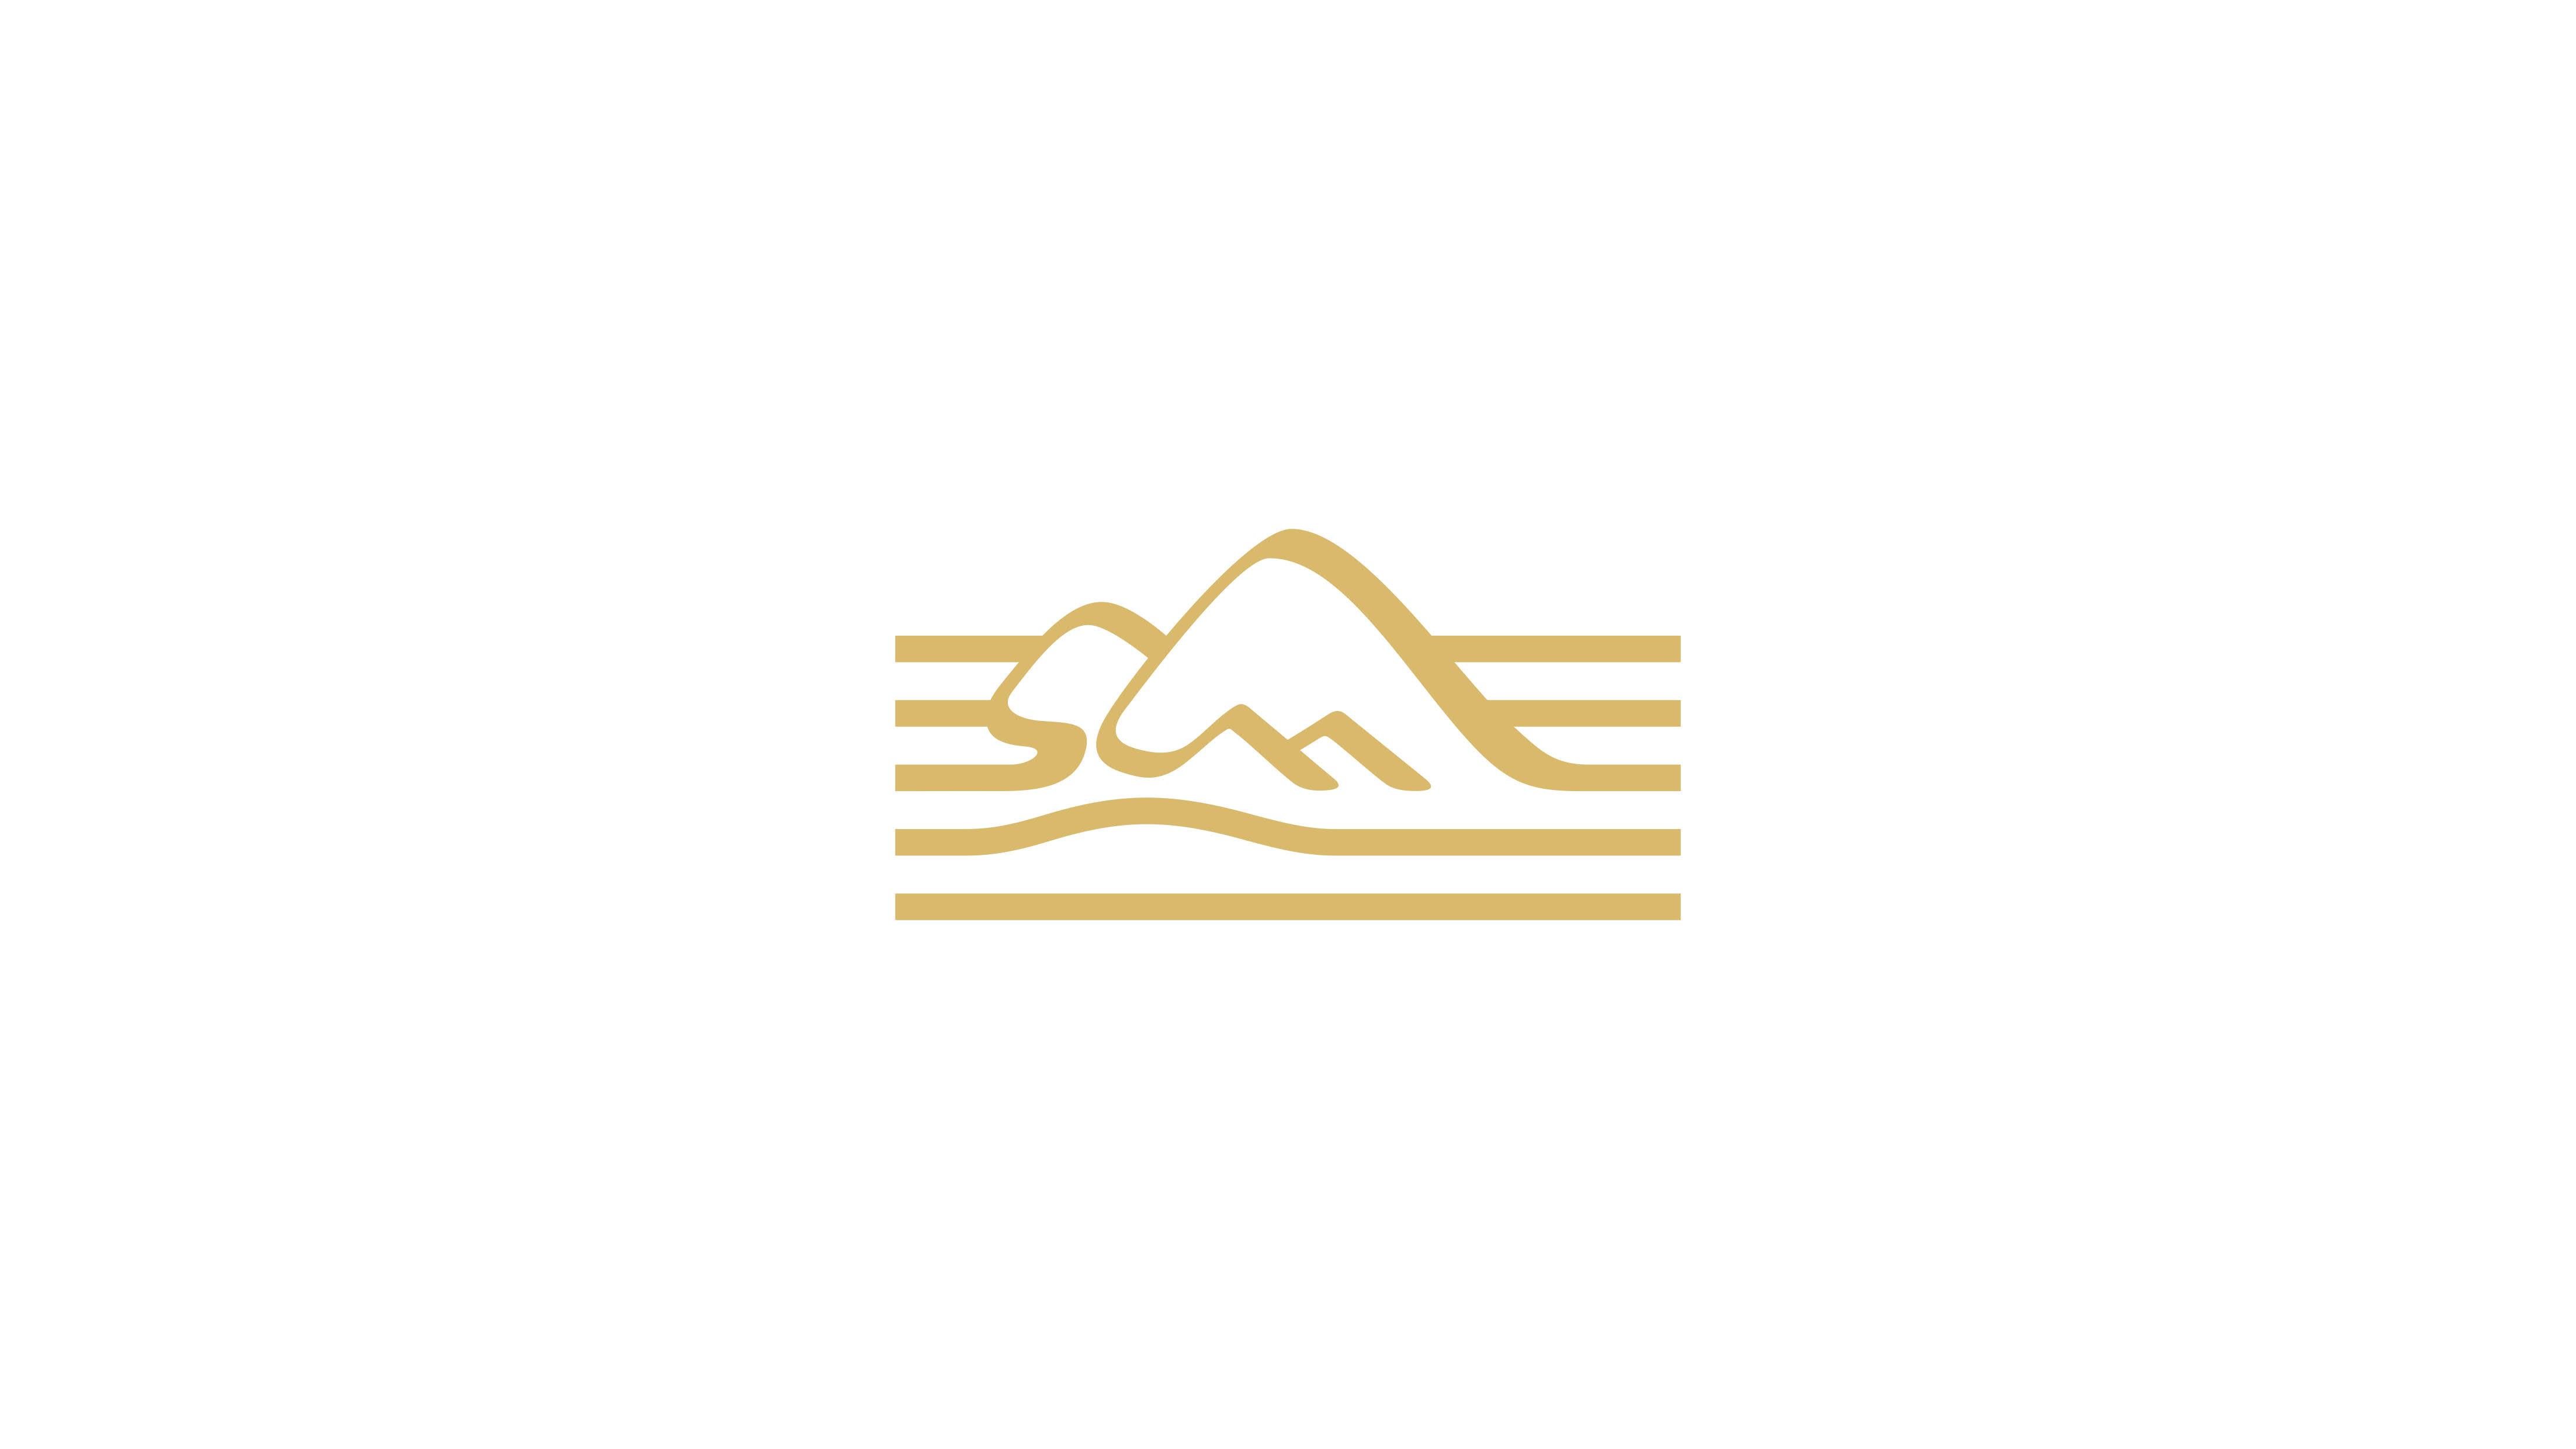 四川省十里農業科技開發有限公司1